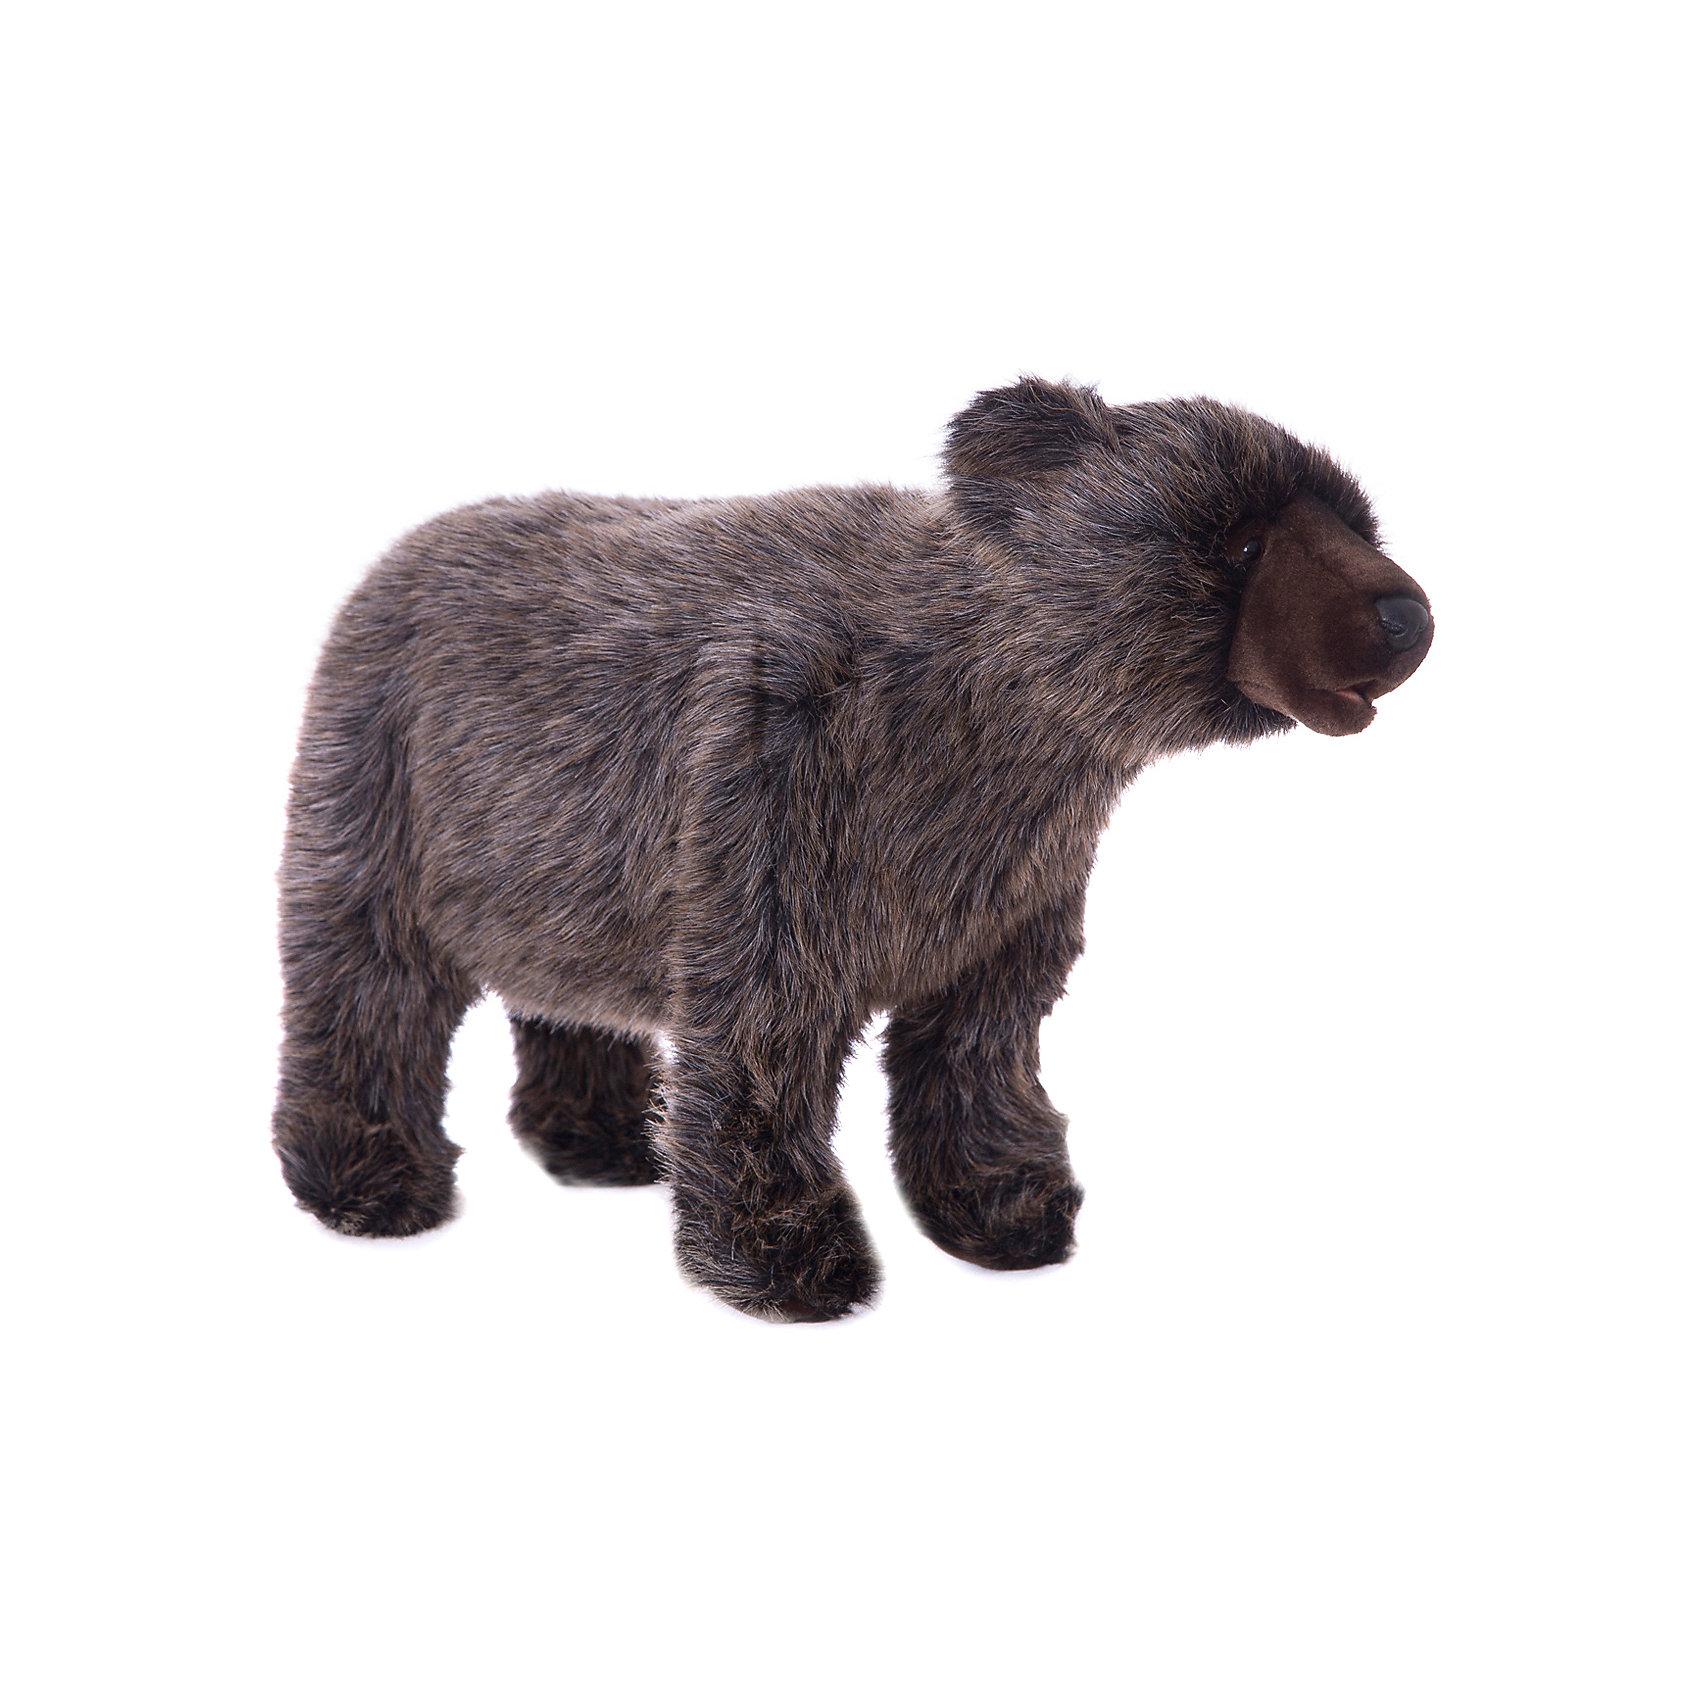 Медвежонок Гризли, идущий, 60 см, HansaМедвежата<br>Медвежонок Гризли, идущий, 60 см, Hansa (Ханса)<br><br>Характеристики:<br><br>• реалистичные детали<br>• прочный каркас<br>• приятная на ощупь<br>• размер игрушки: 35х60 см <br>• материал: искусственный мех, искусственная кожа, текстиль, пластик, металл, полиэфир<br>• размер упаковки: 60х29х16 см<br>• вес: 705 грамм<br><br>Медвежонок Гризли от Hansa очень похож на свой прототип. Глаза, мордочка, лапки - всё выглядит очень реалистично! Металлический каркас придает игрушке прочность и устойчивость. А мягкая шерстка Гризли очень приятна на ощупь. Такой зверек не оставит равнодушным даже взрослых!<br><br>Медвежонка Гризли, идущего, 60 см, Hansa (Ханса) вы можете купить в нашем интернет-магазине.<br><br>Ширина мм: 600<br>Глубина мм: 200<br>Высота мм: 360<br>Вес г: 705<br>Возраст от месяцев: 36<br>Возраст до месяцев: 2147483647<br>Пол: Унисекс<br>Возраст: Детский<br>SKU: 5503302